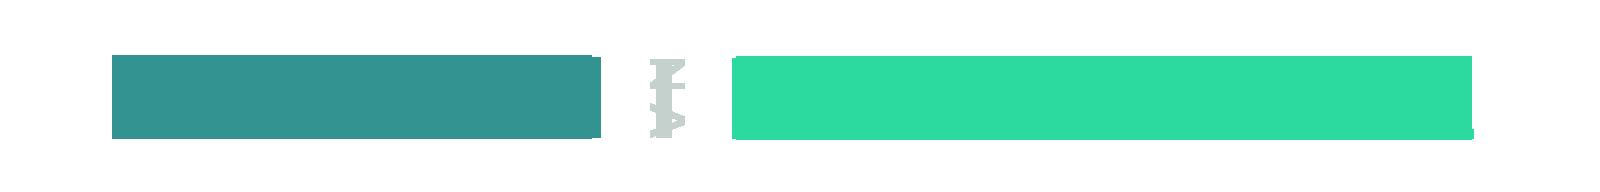 Обзор 1хбет букмекерская контора зеркало игровые